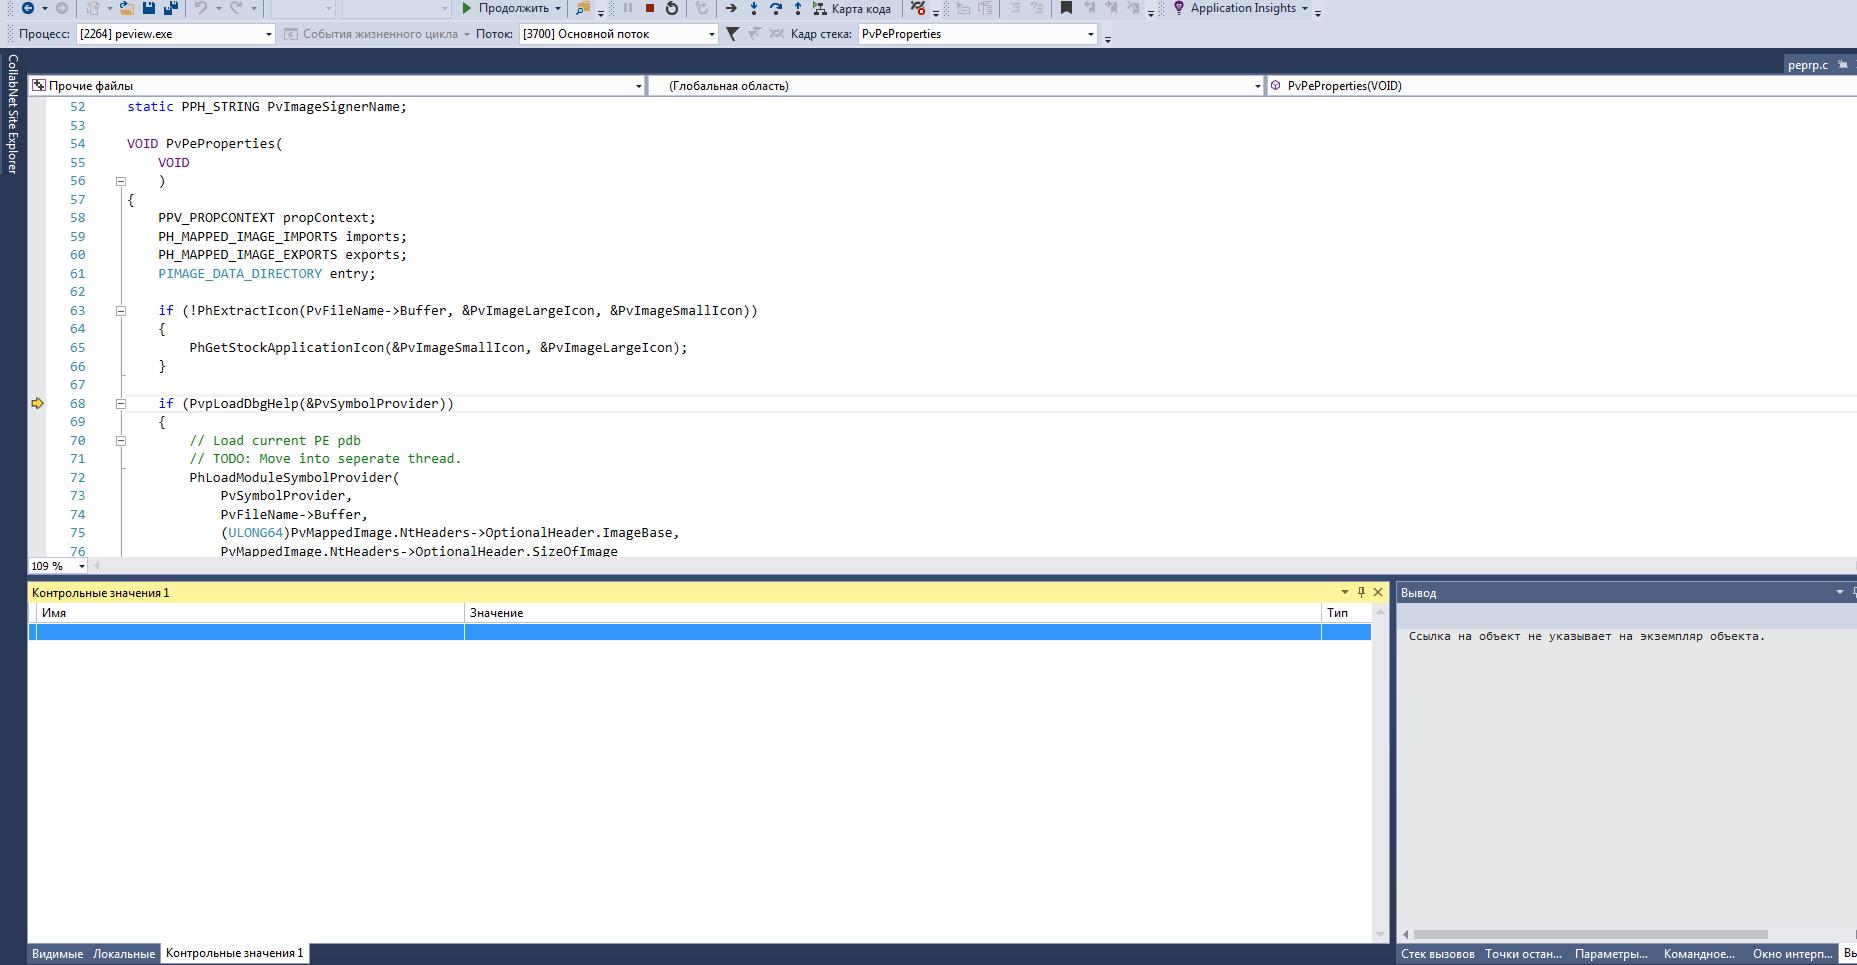 AV in PEview x86 version after v3 0 6181 1654 Git-6b58649e